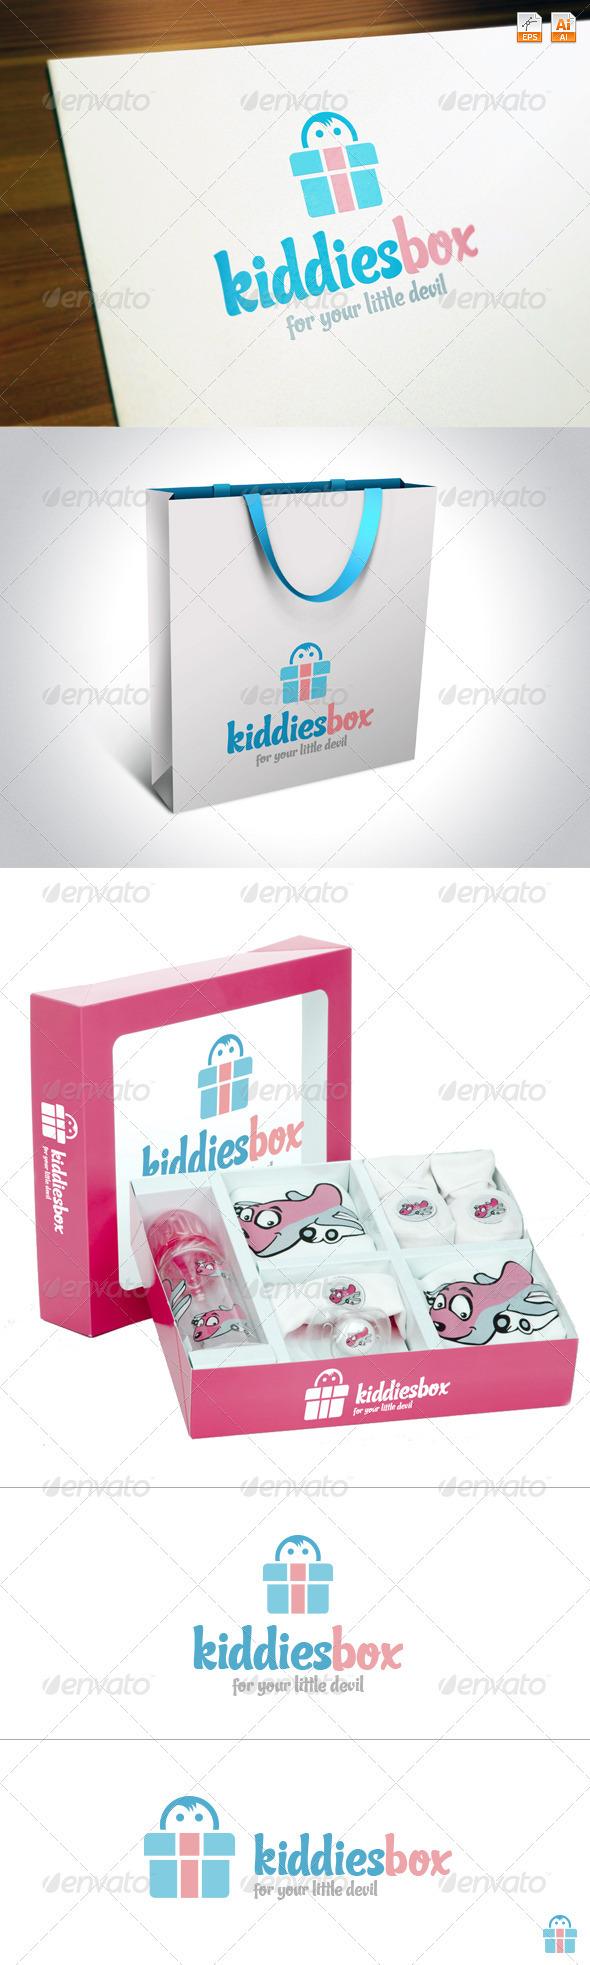 GraphicRiver KiddiesBox 3654578